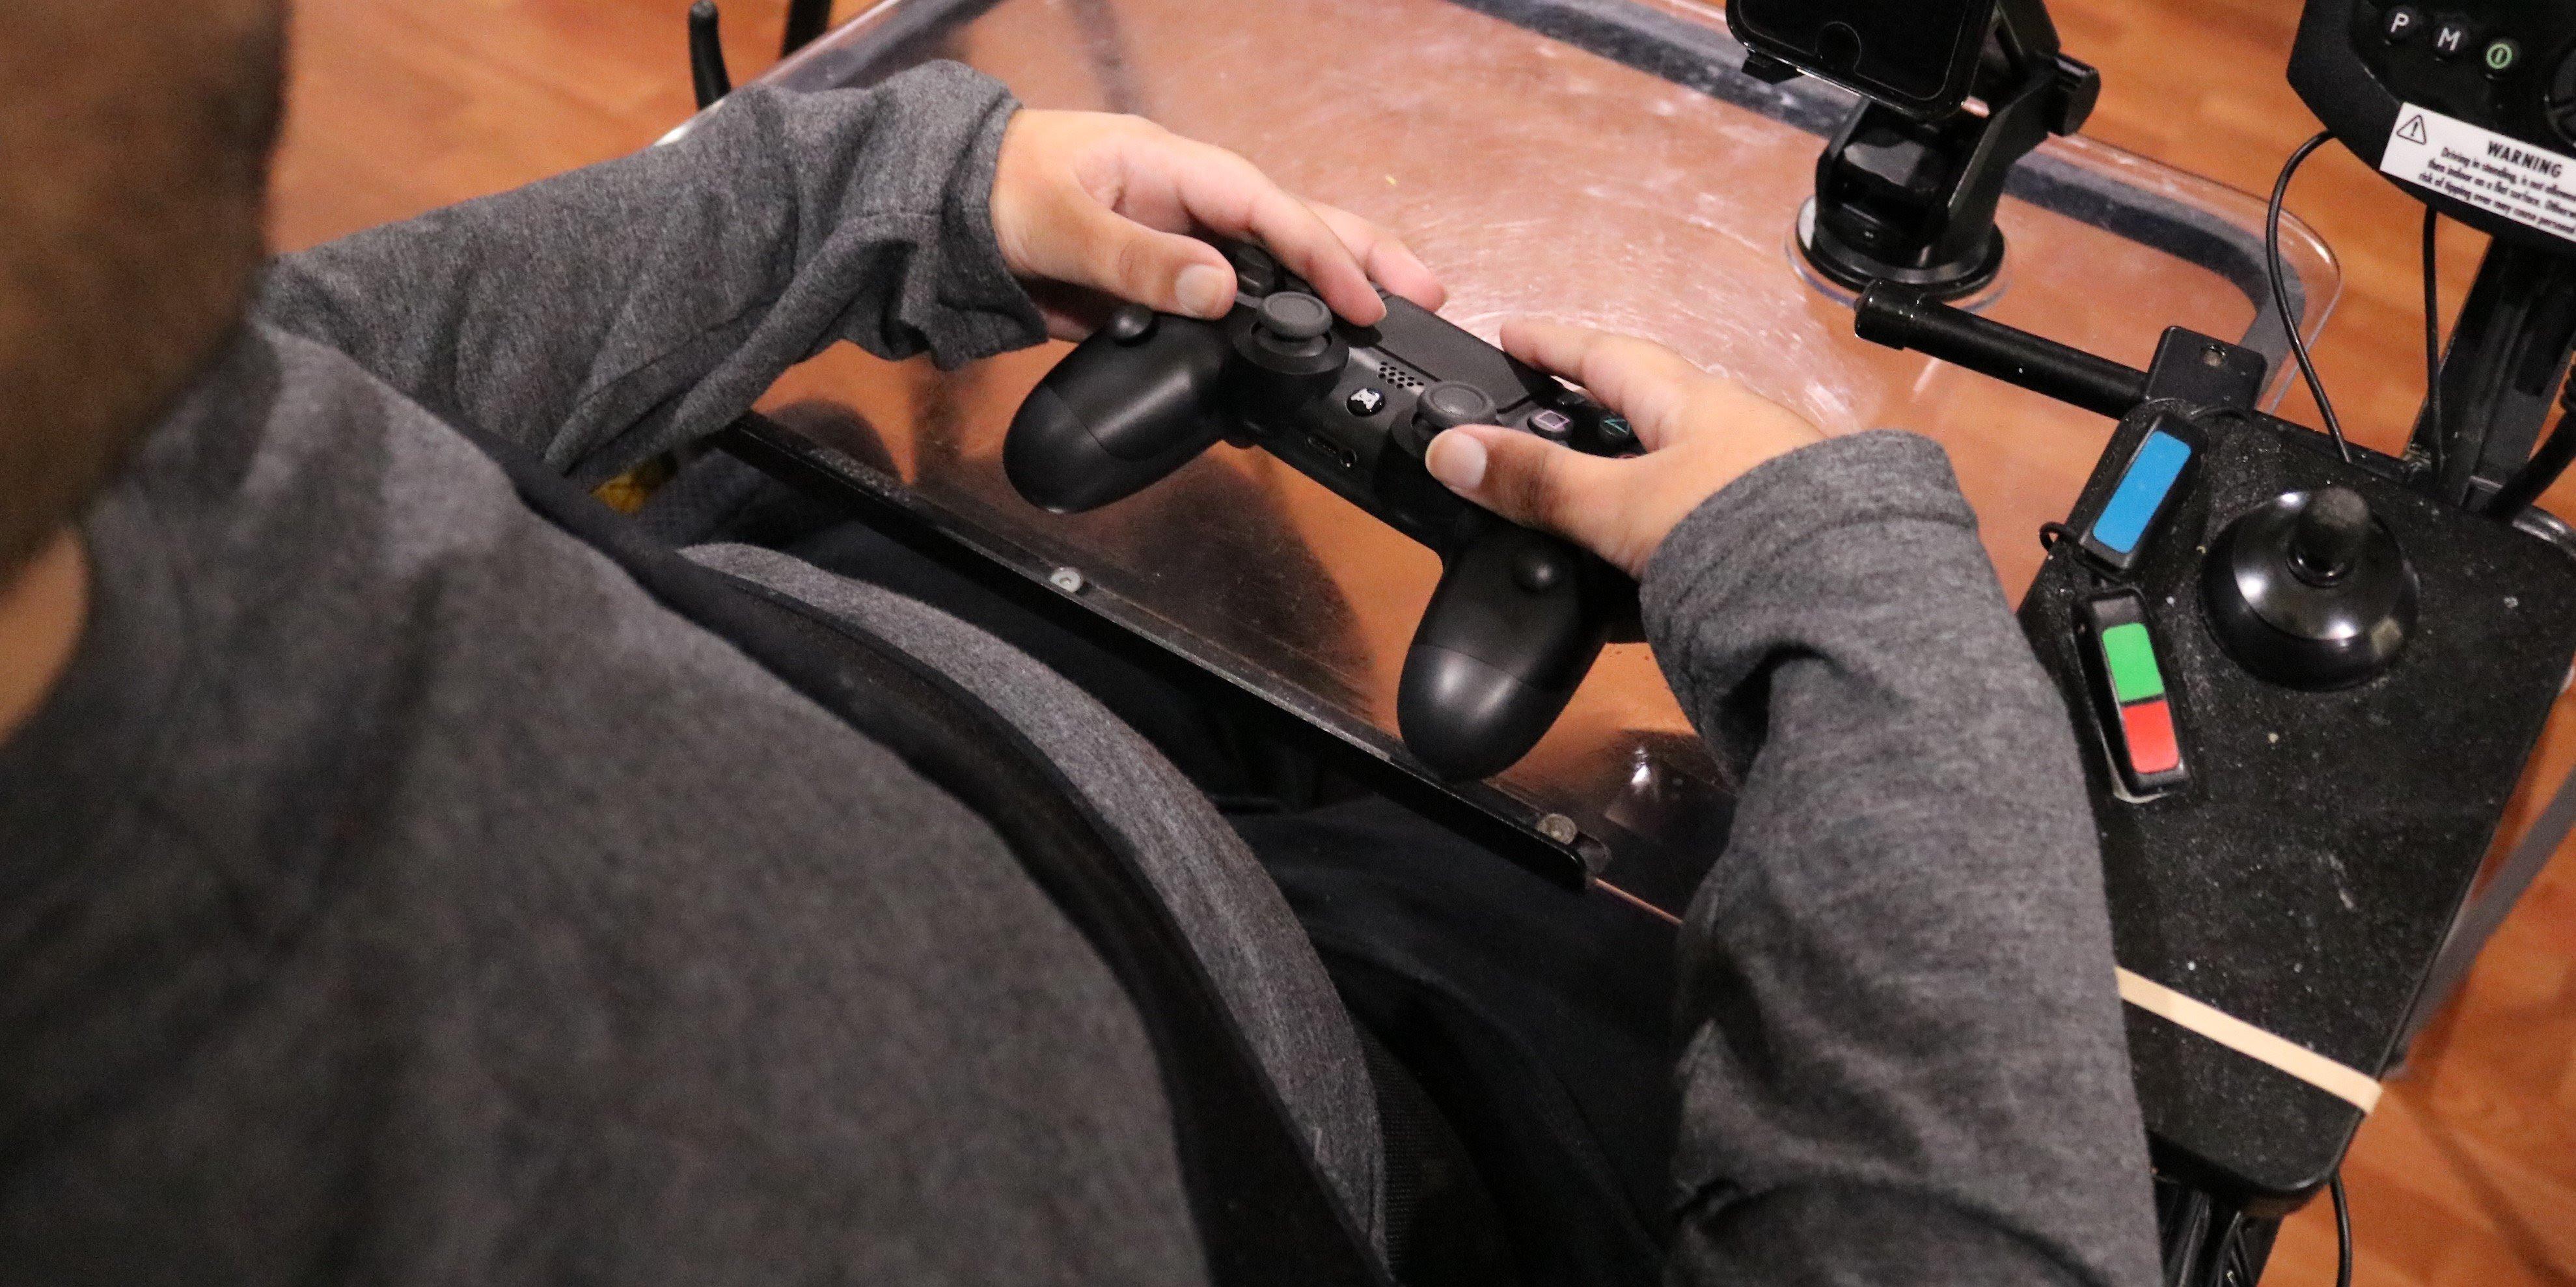 la-caridad-ablegamers-lanza-un-nuevo-sitio-web-para-conectar-a-los-desarrolladores-y-los-jugadores-deshabilitados-frikigamers.com.jpg